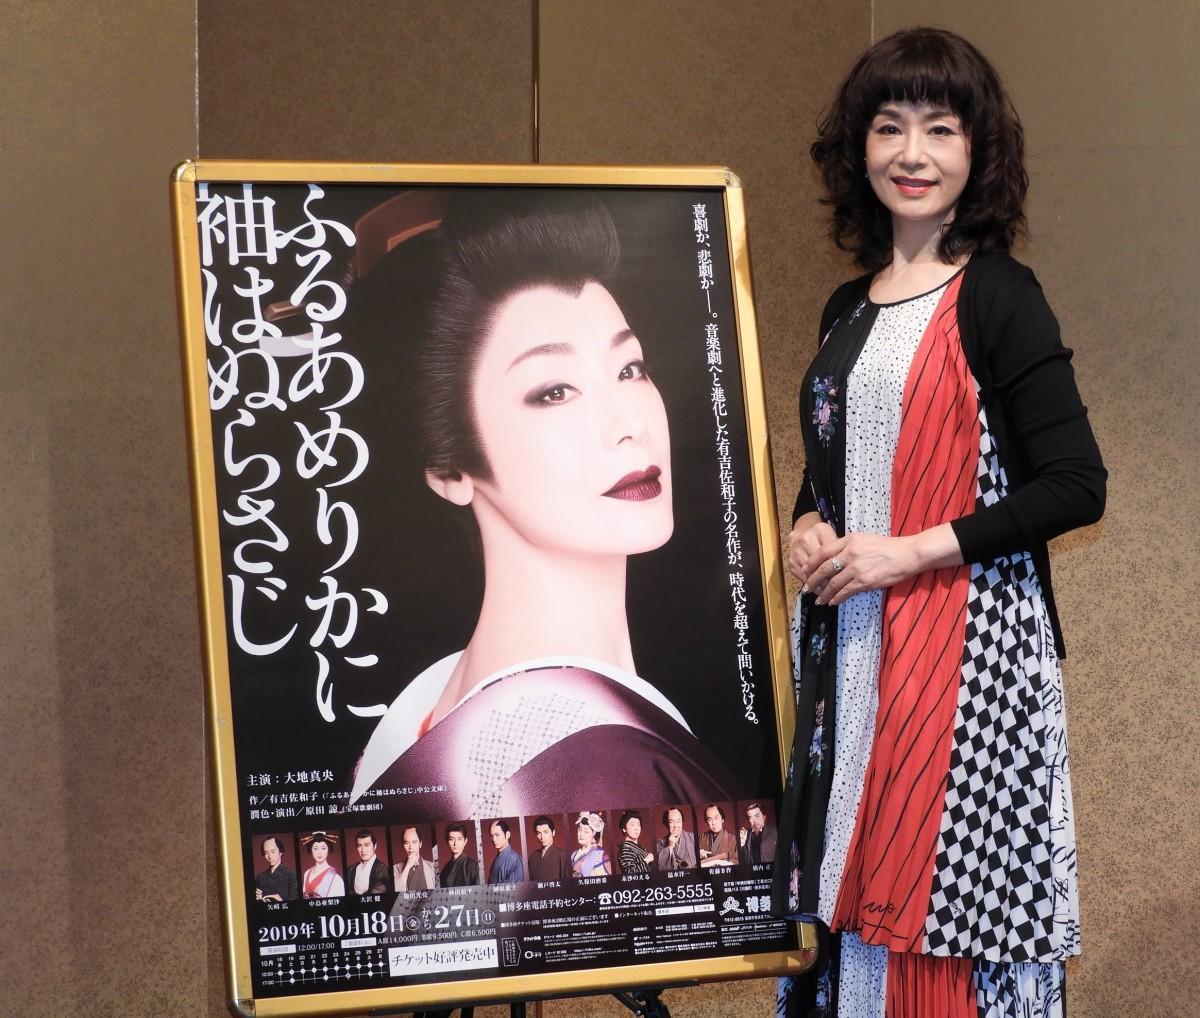 博多座10月公演「ふるあめりかに袖はぬらさじ」に出演する大地真央さん